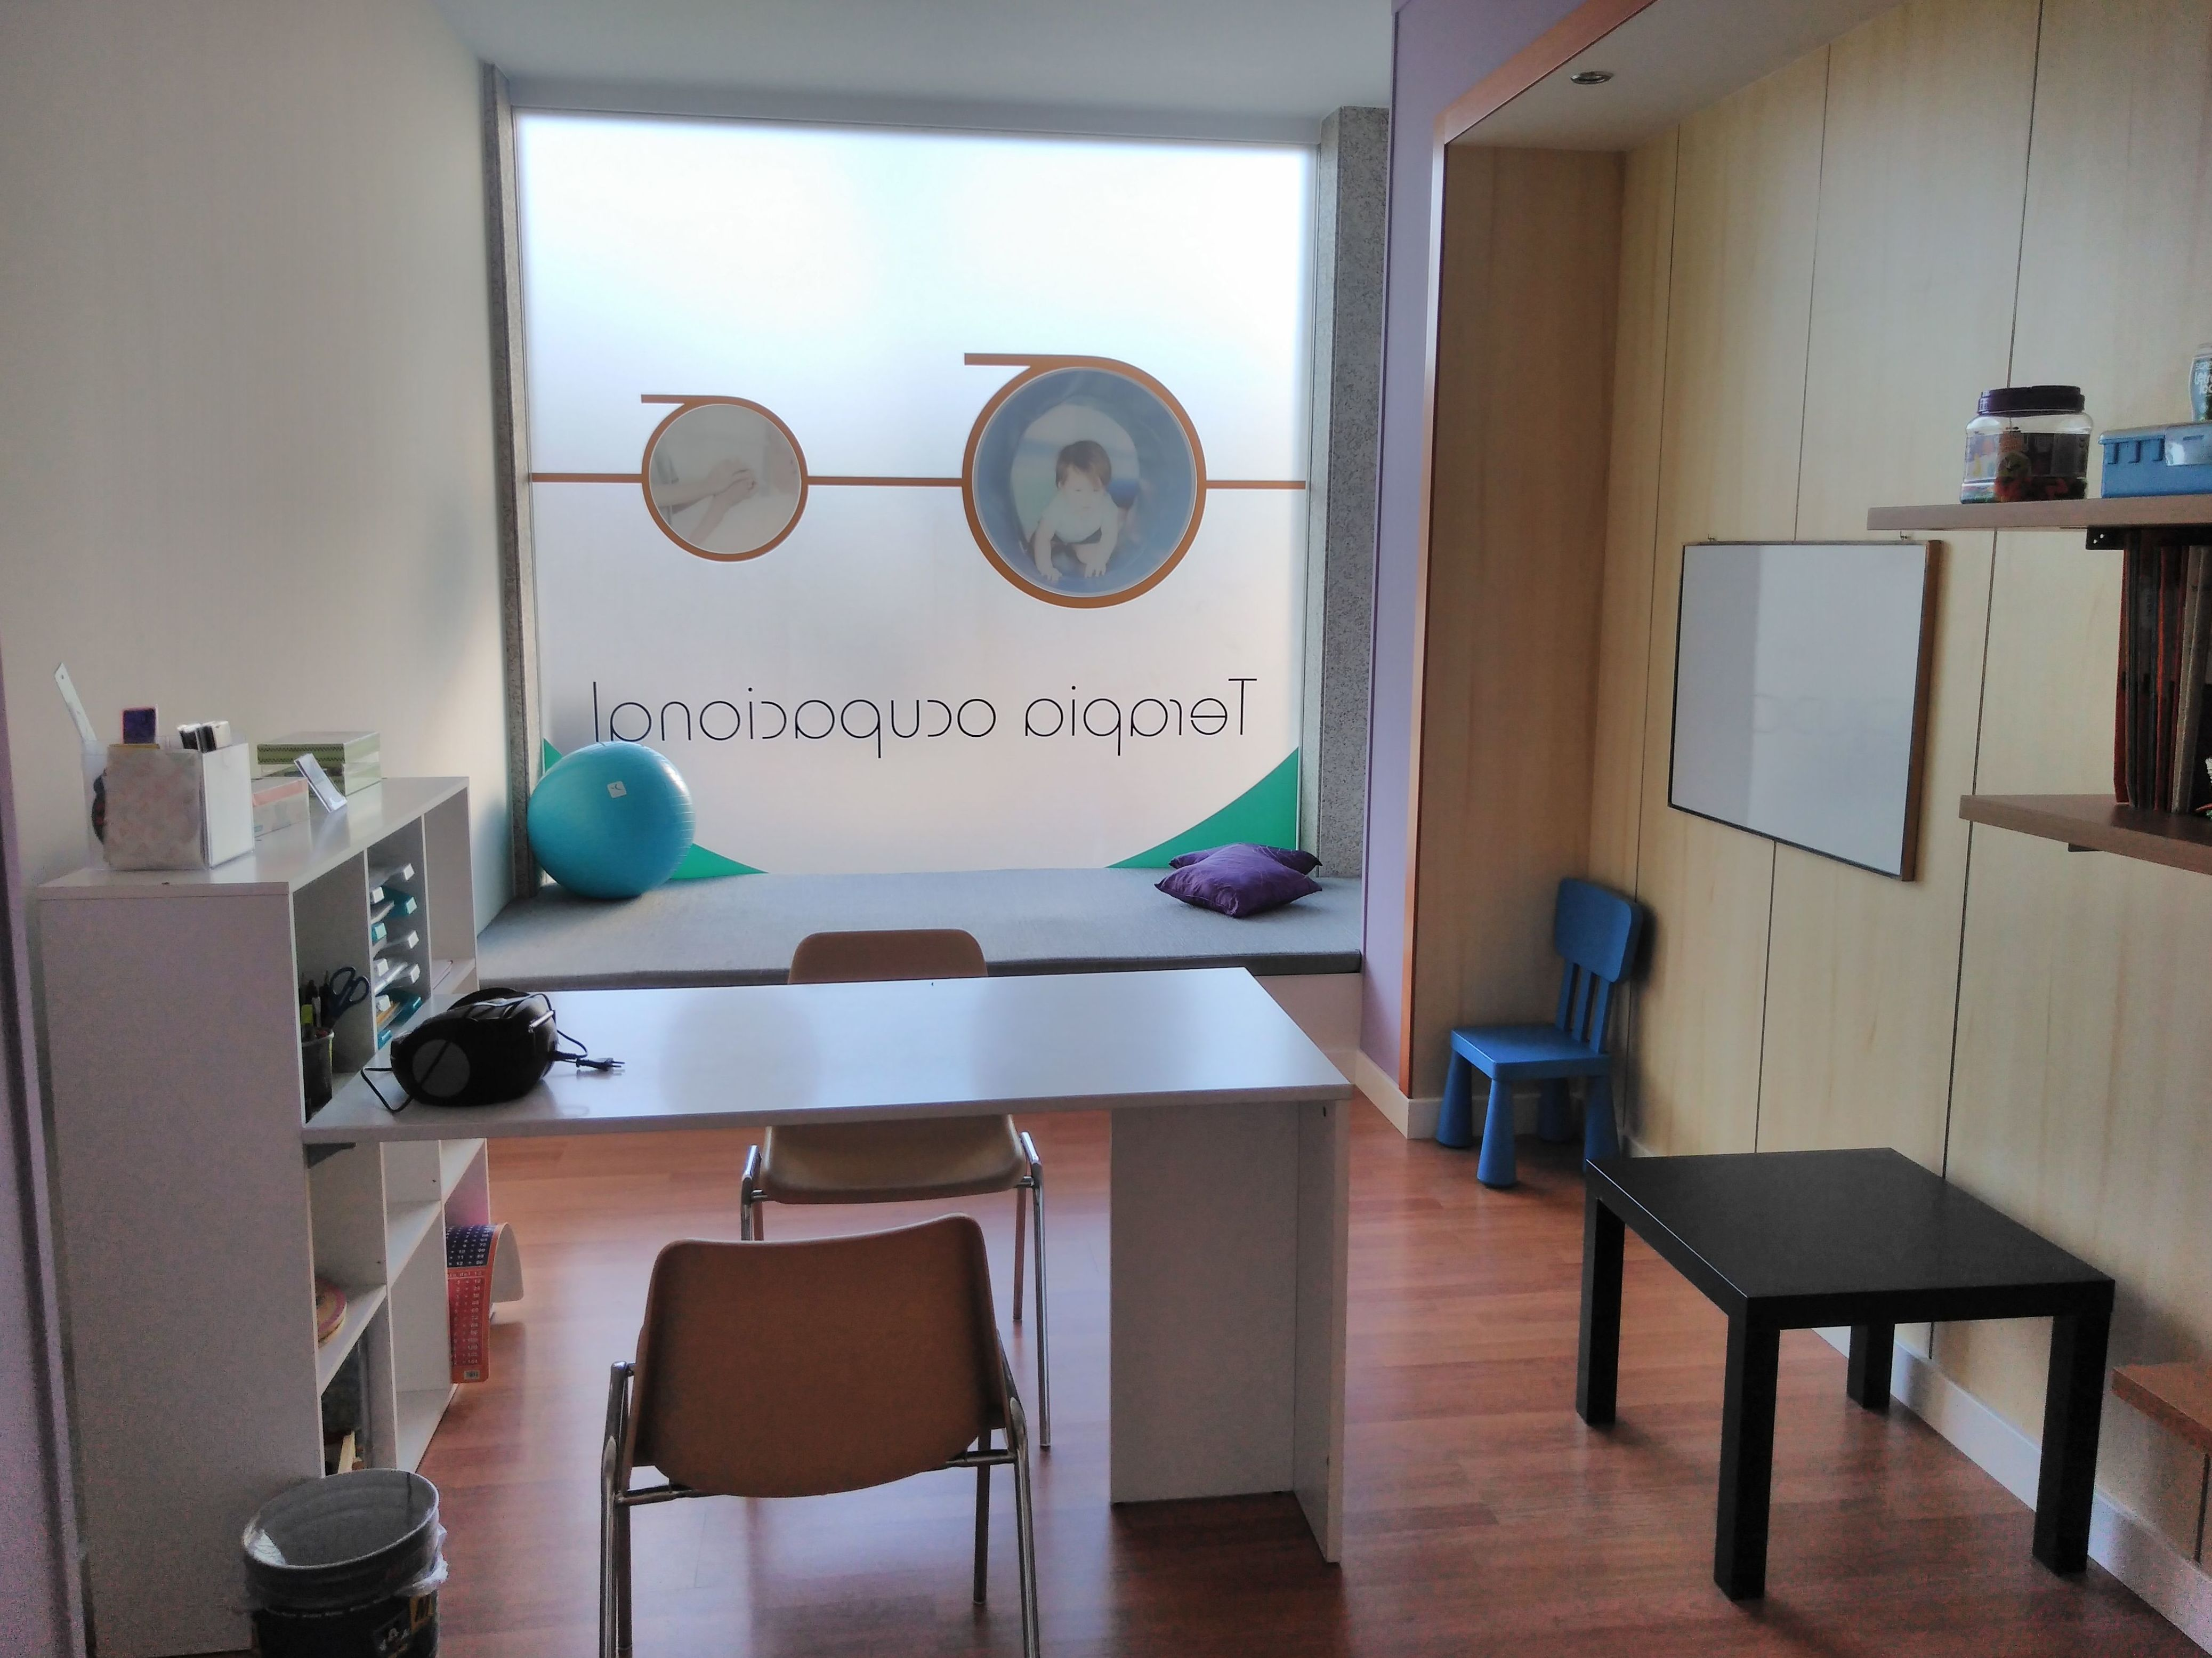 Foto 7 de Gabinete psicopedagógico en Narón   Alecrín Psicopedagogía y Logopedia S.L